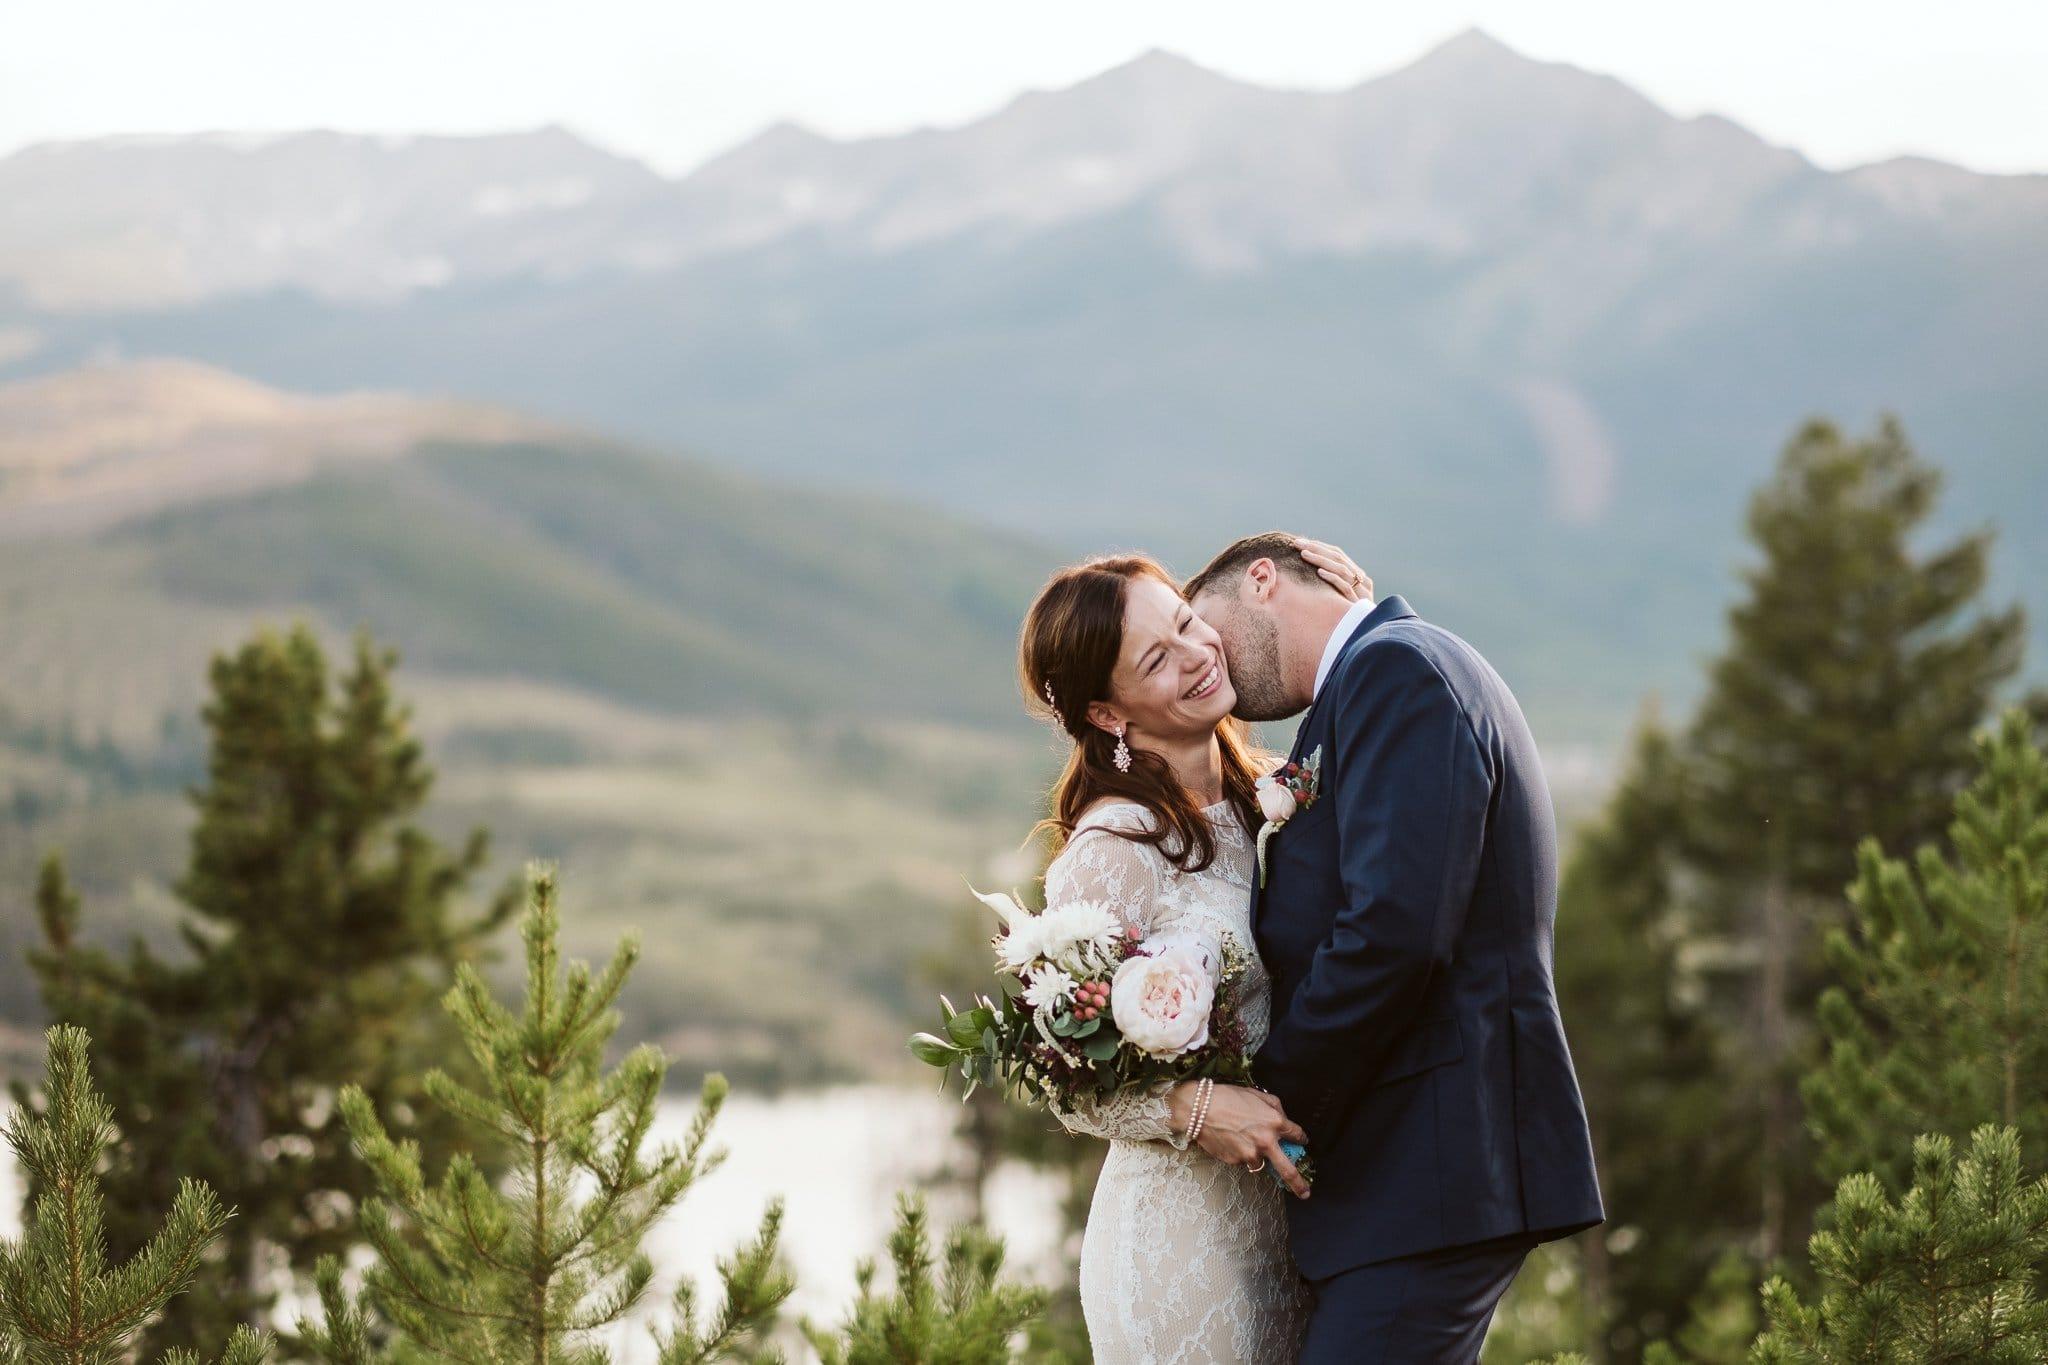 Breckenridge elopement at Sapphire Point Overlook.